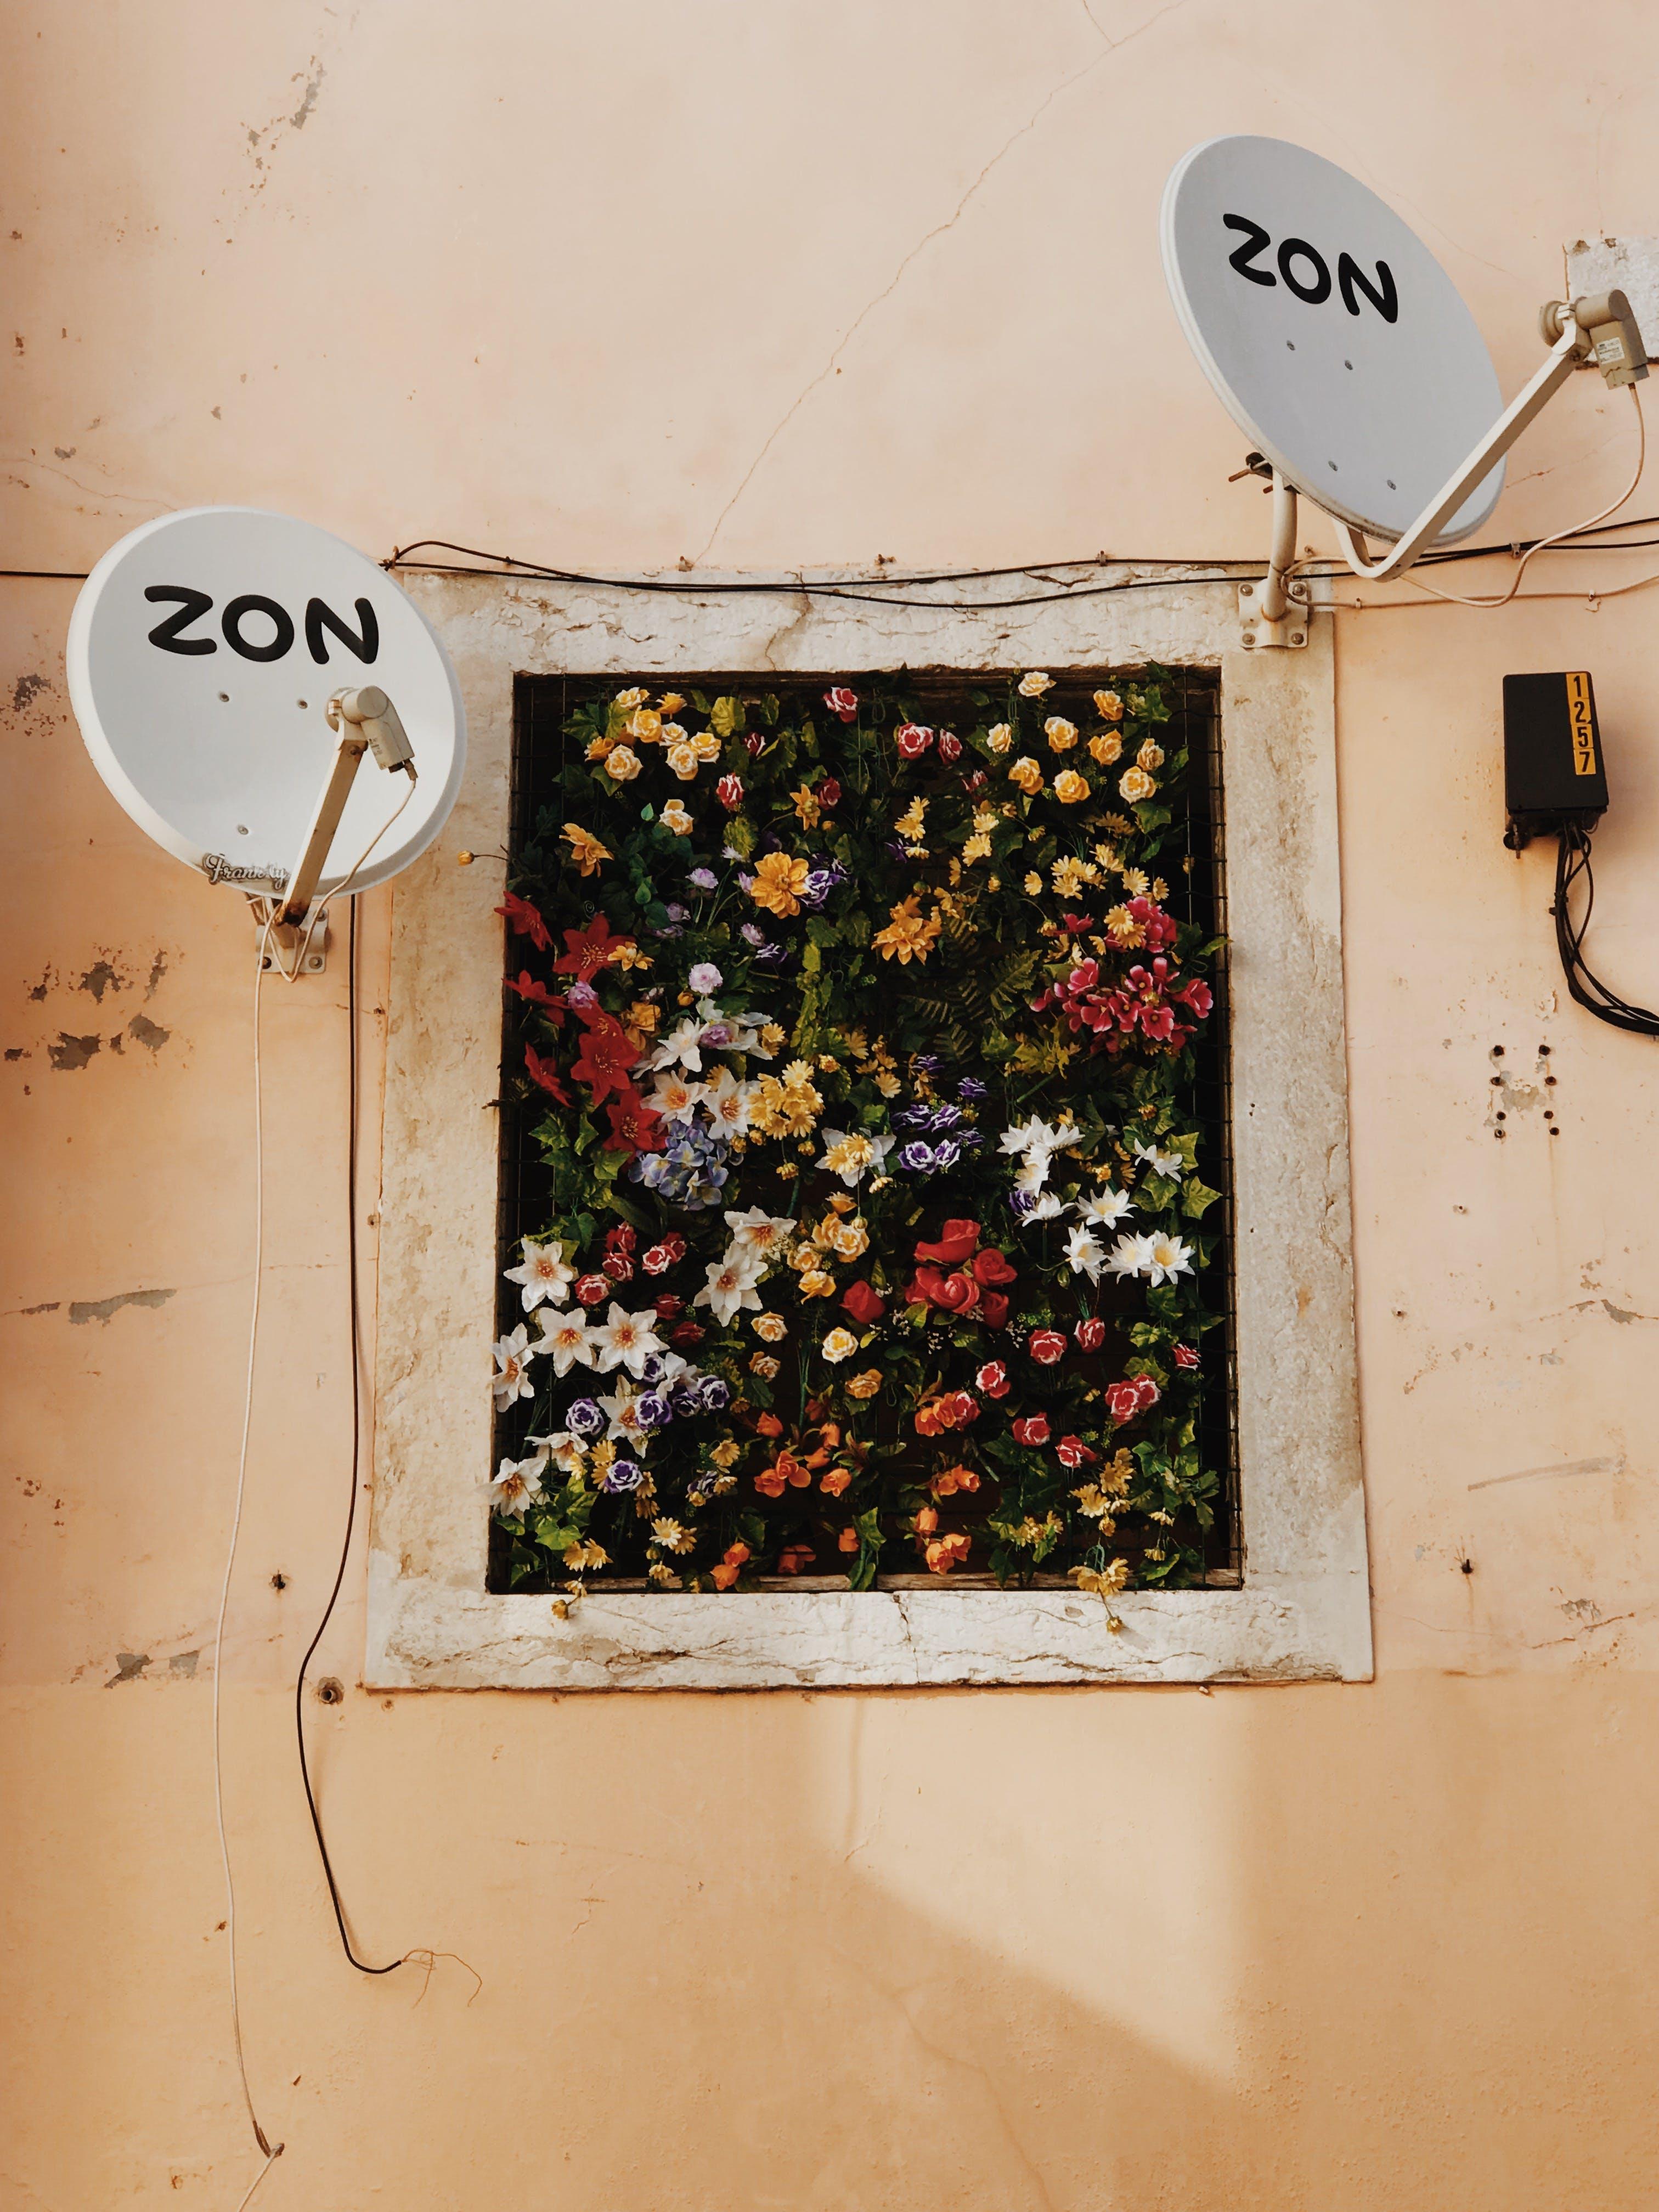 Gratis stockfoto met bloemen, flora, muur, schotelantenne